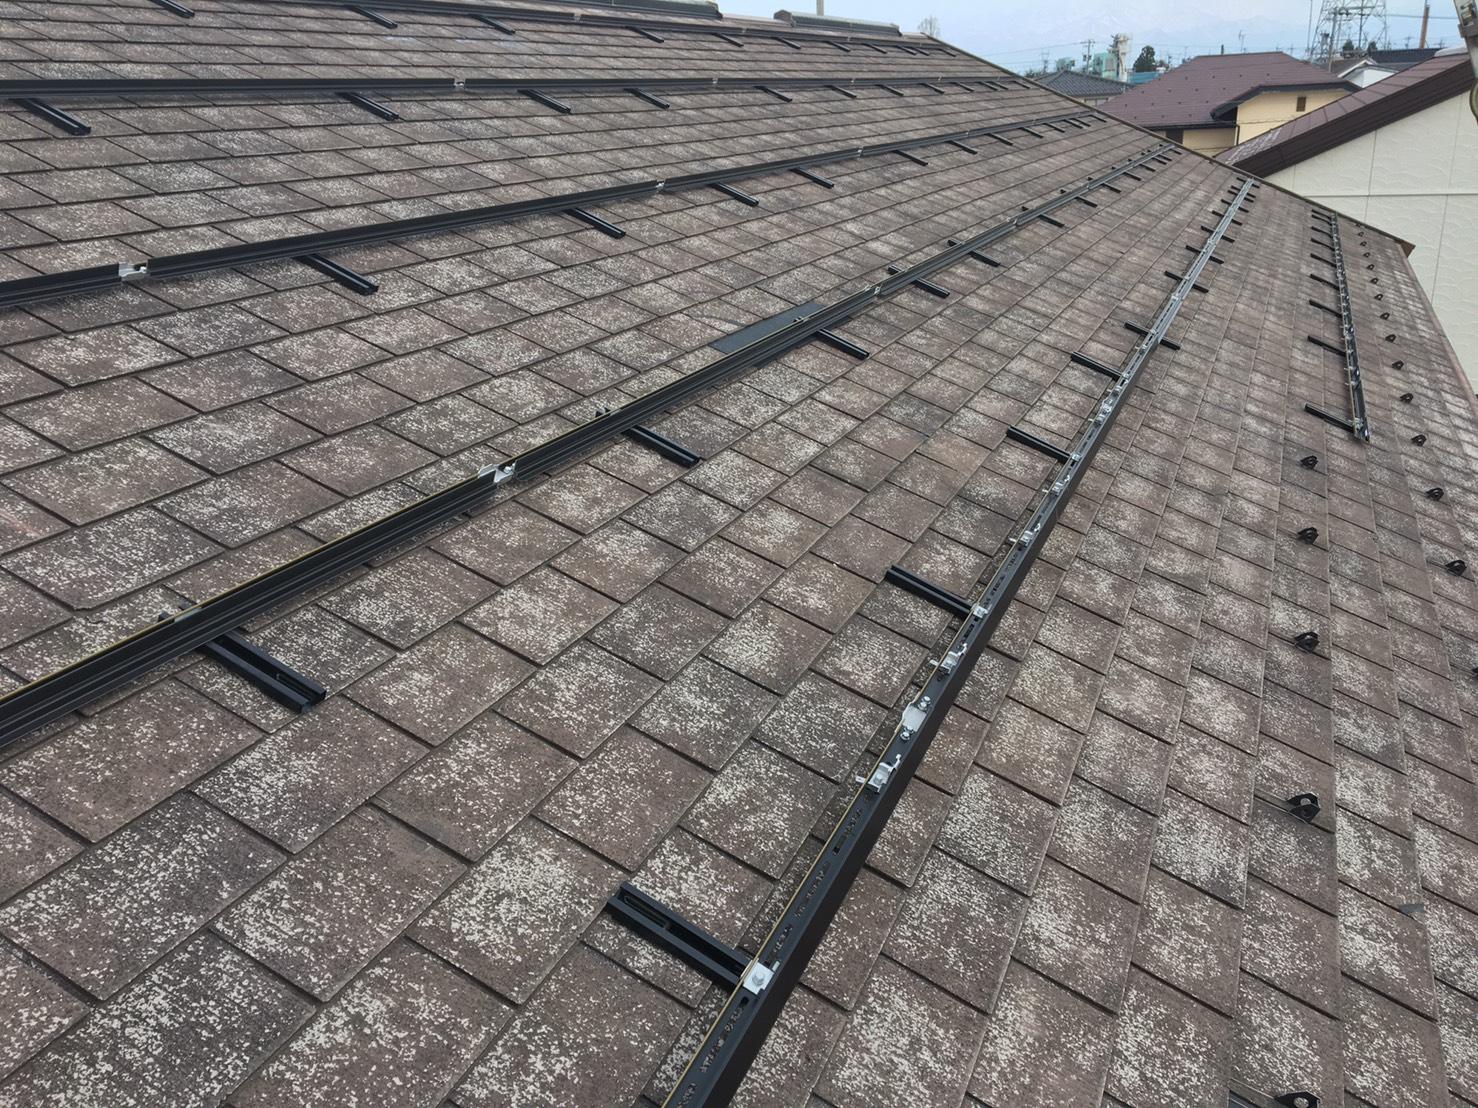 富山市T様賃貸物件太陽光発電システム設置工事pic01